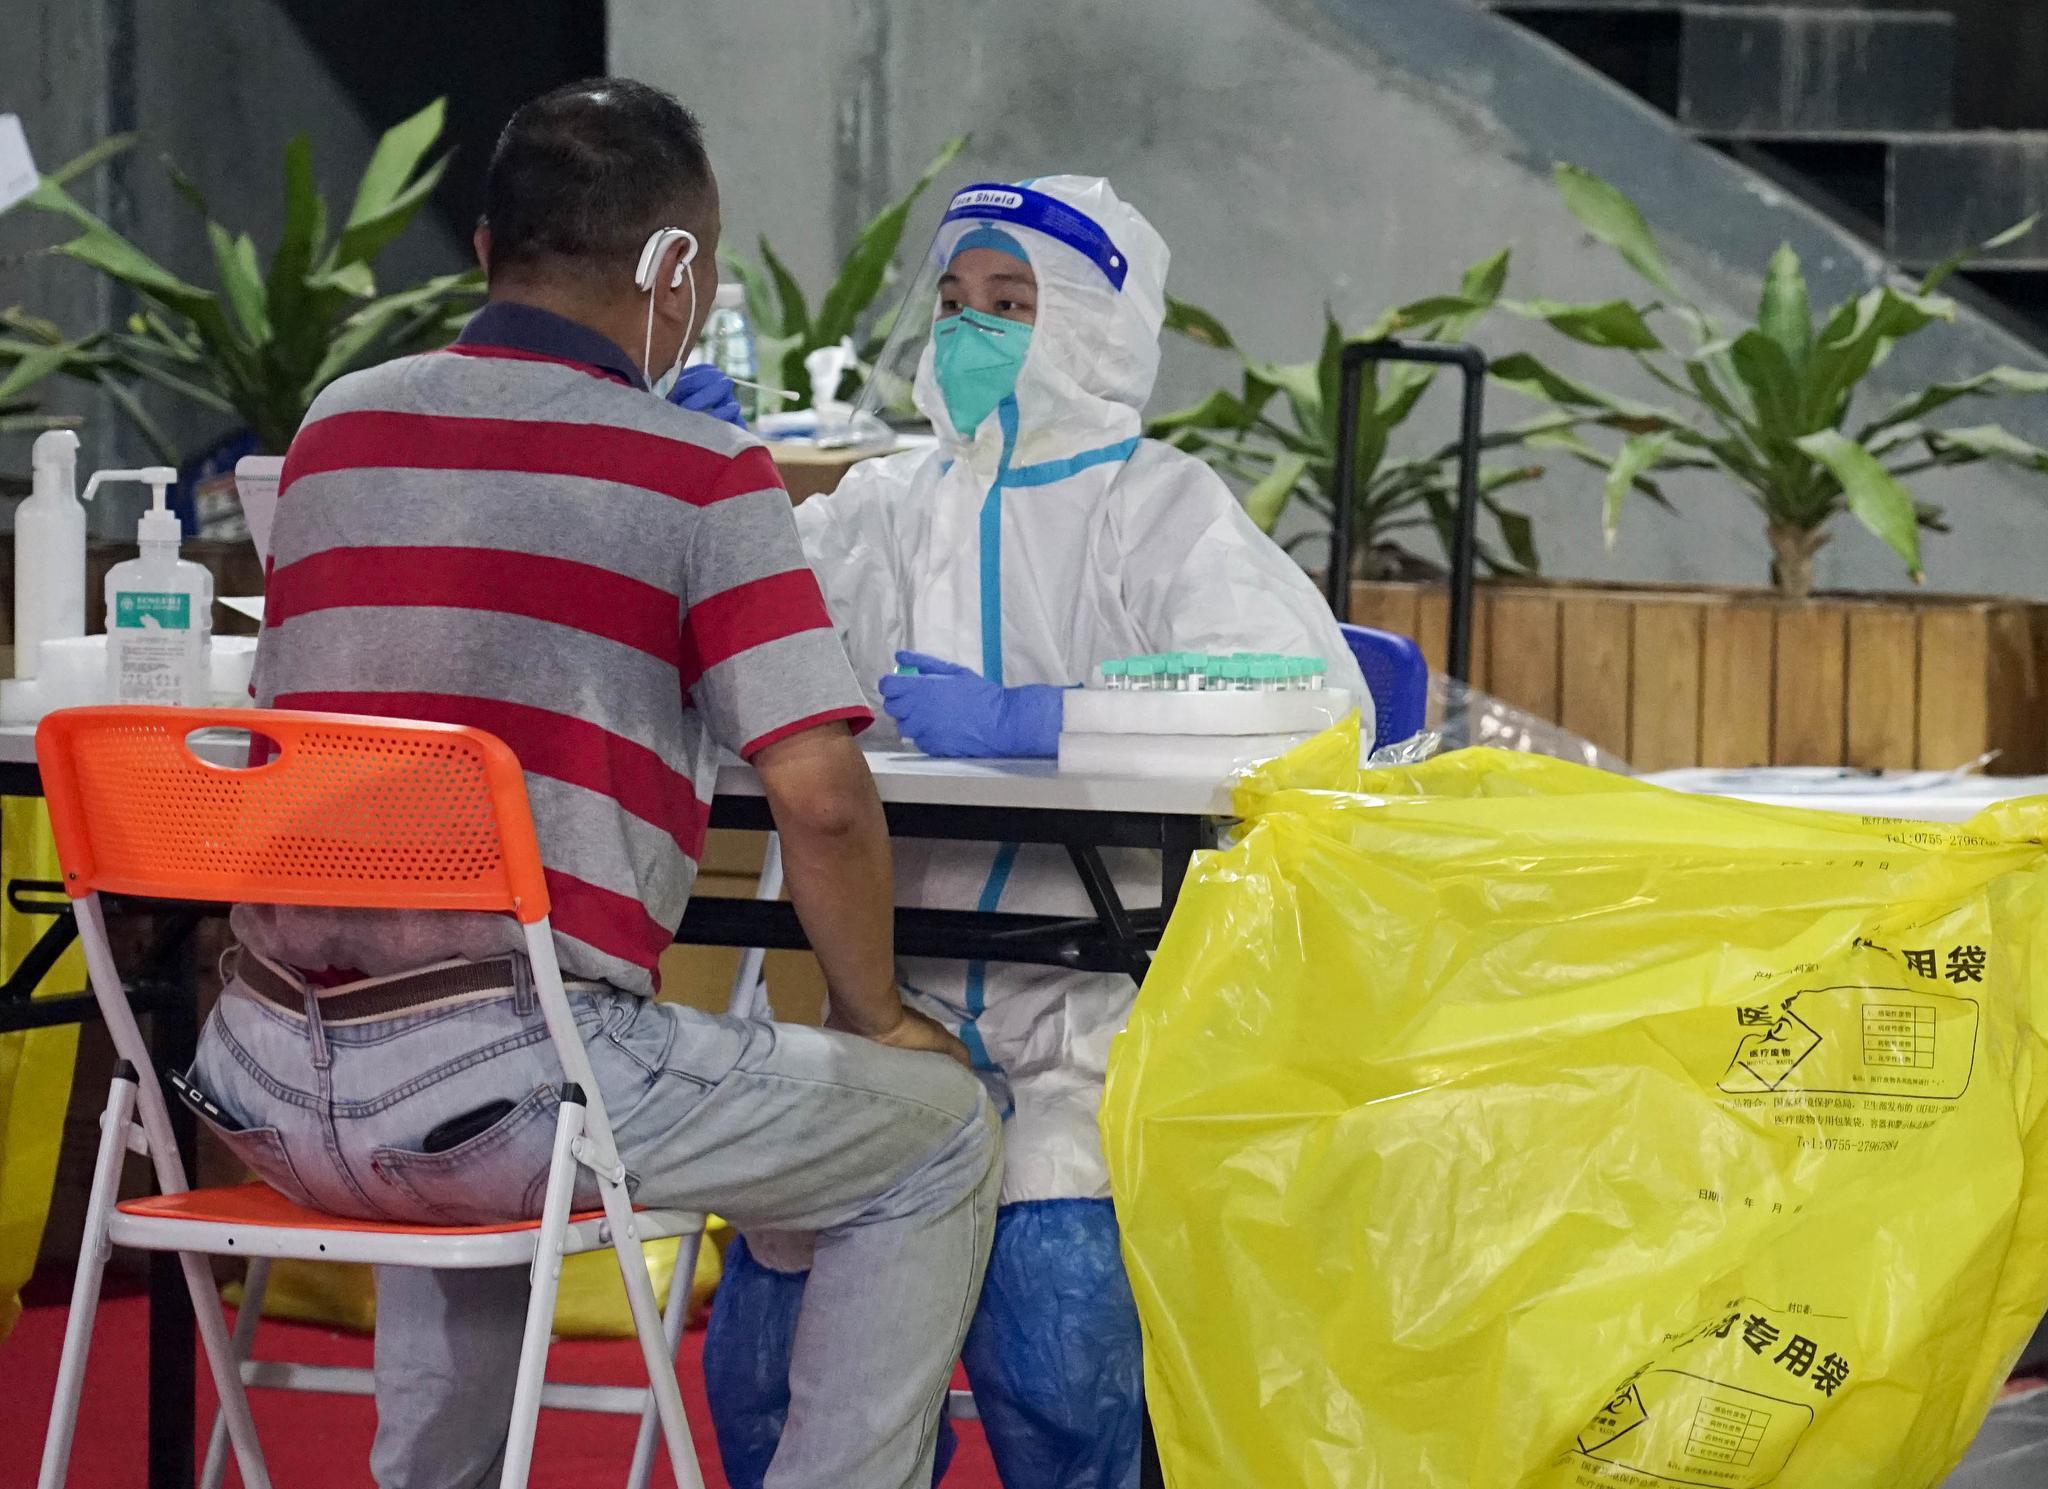 6月23日疫情速递|三地区降级,多地急寻确诊病例的次密接